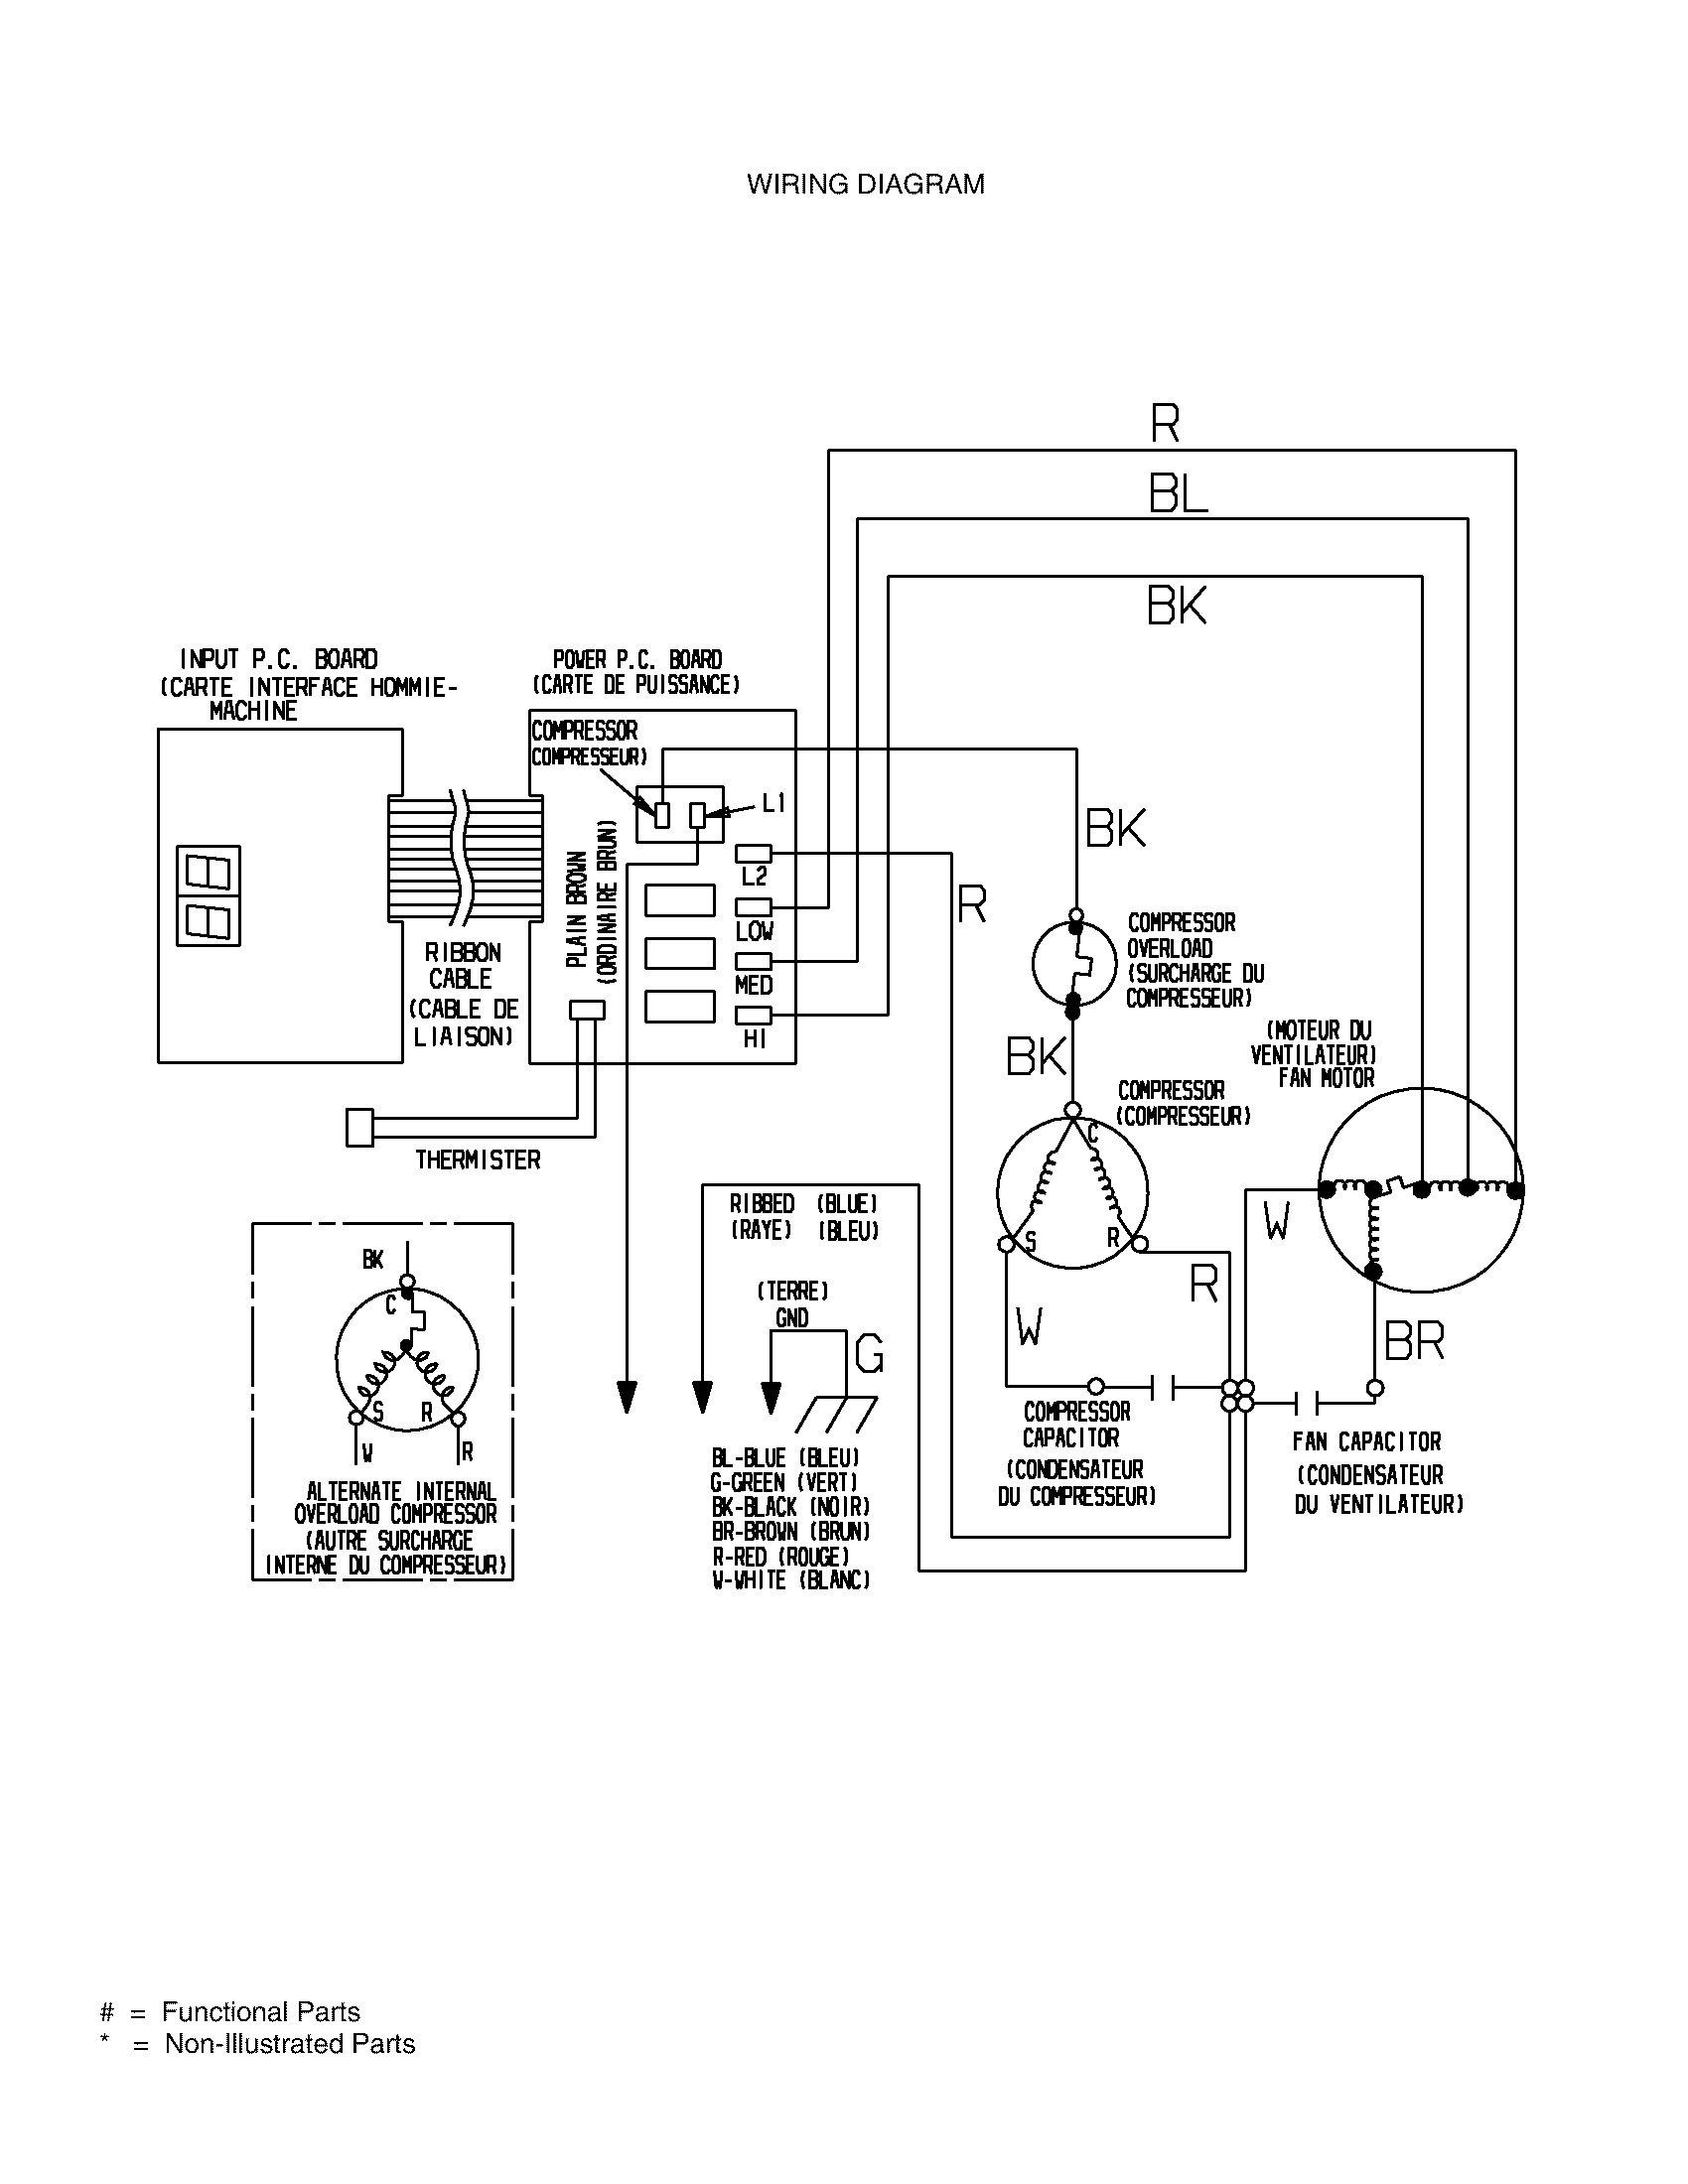 8 Pole Motor Diagram Wiring Schematic | Wiring Library - Jazzmaster Wiring Diagram